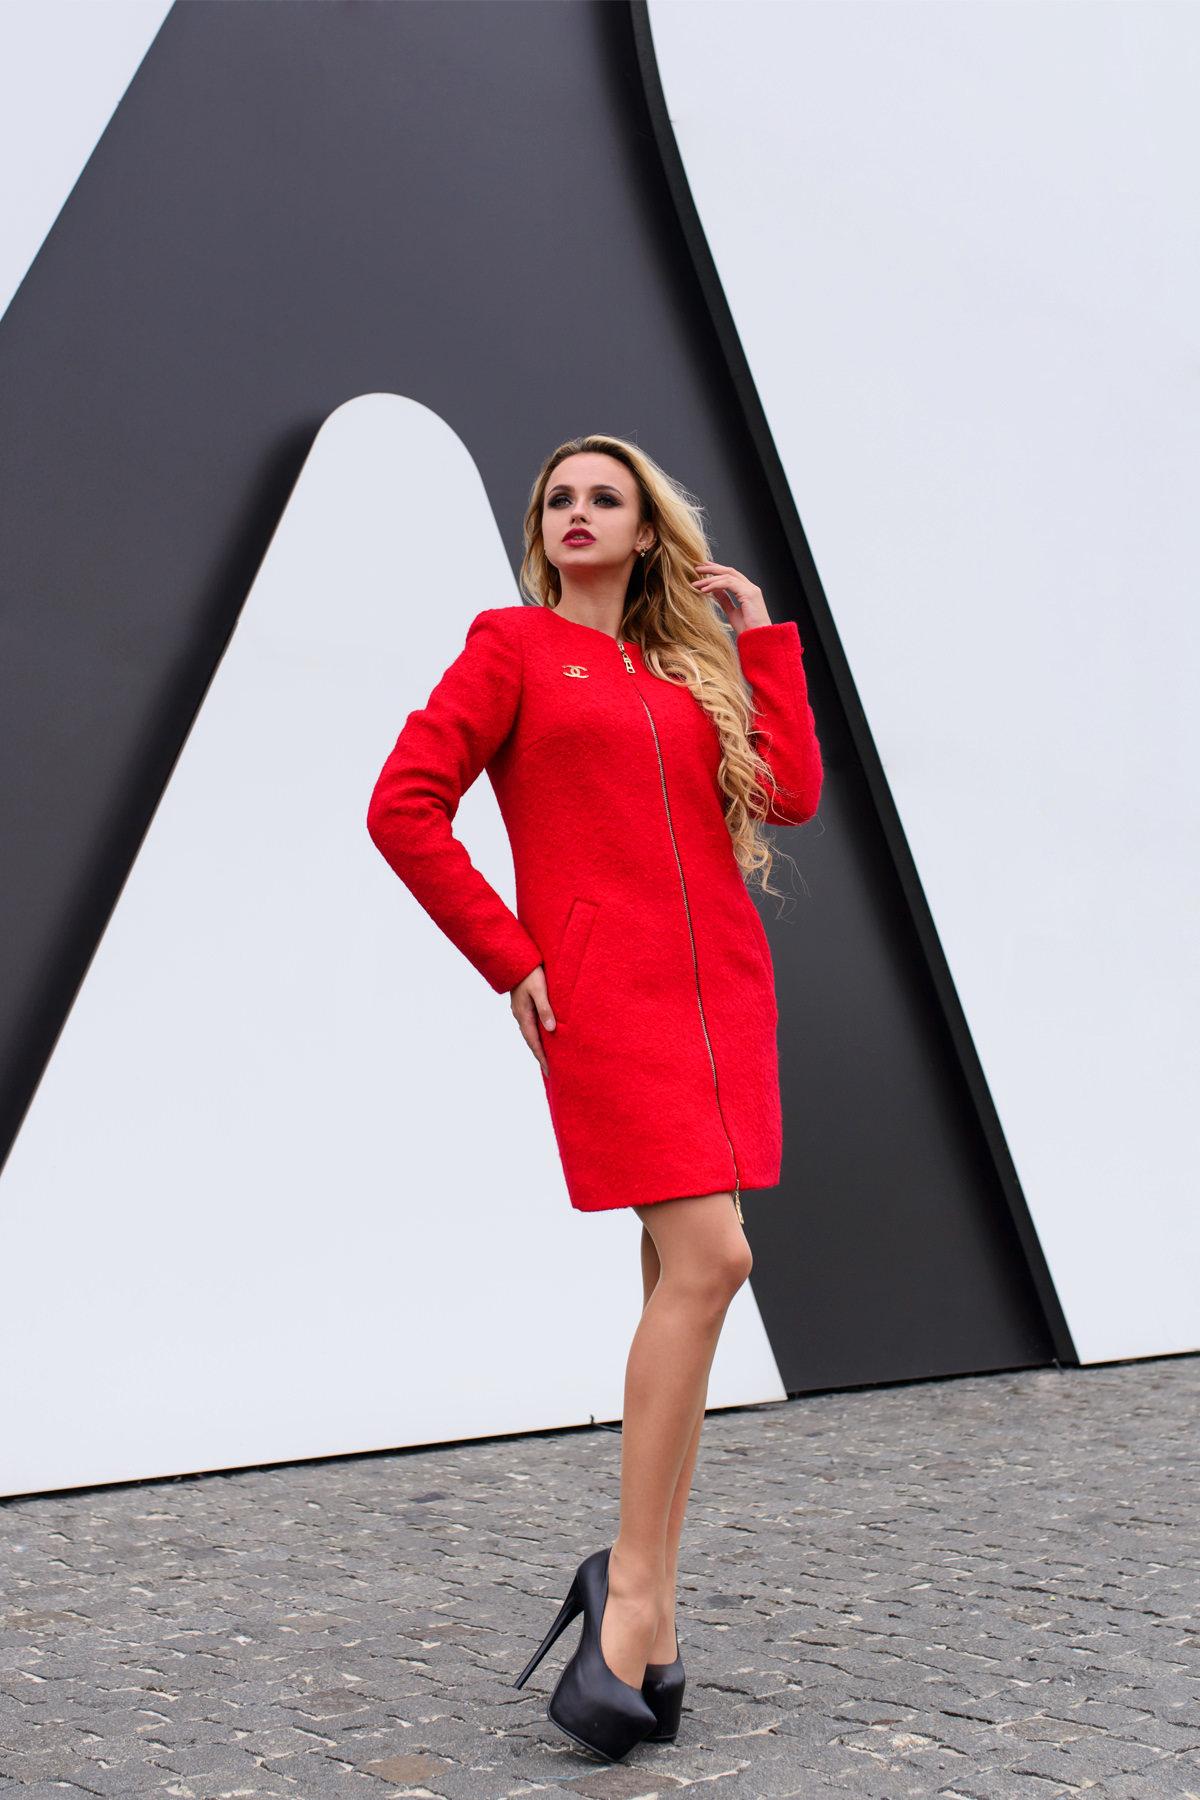 Купить пальто в Украине оптом Пальто Сан-Ремо лайт букле кр